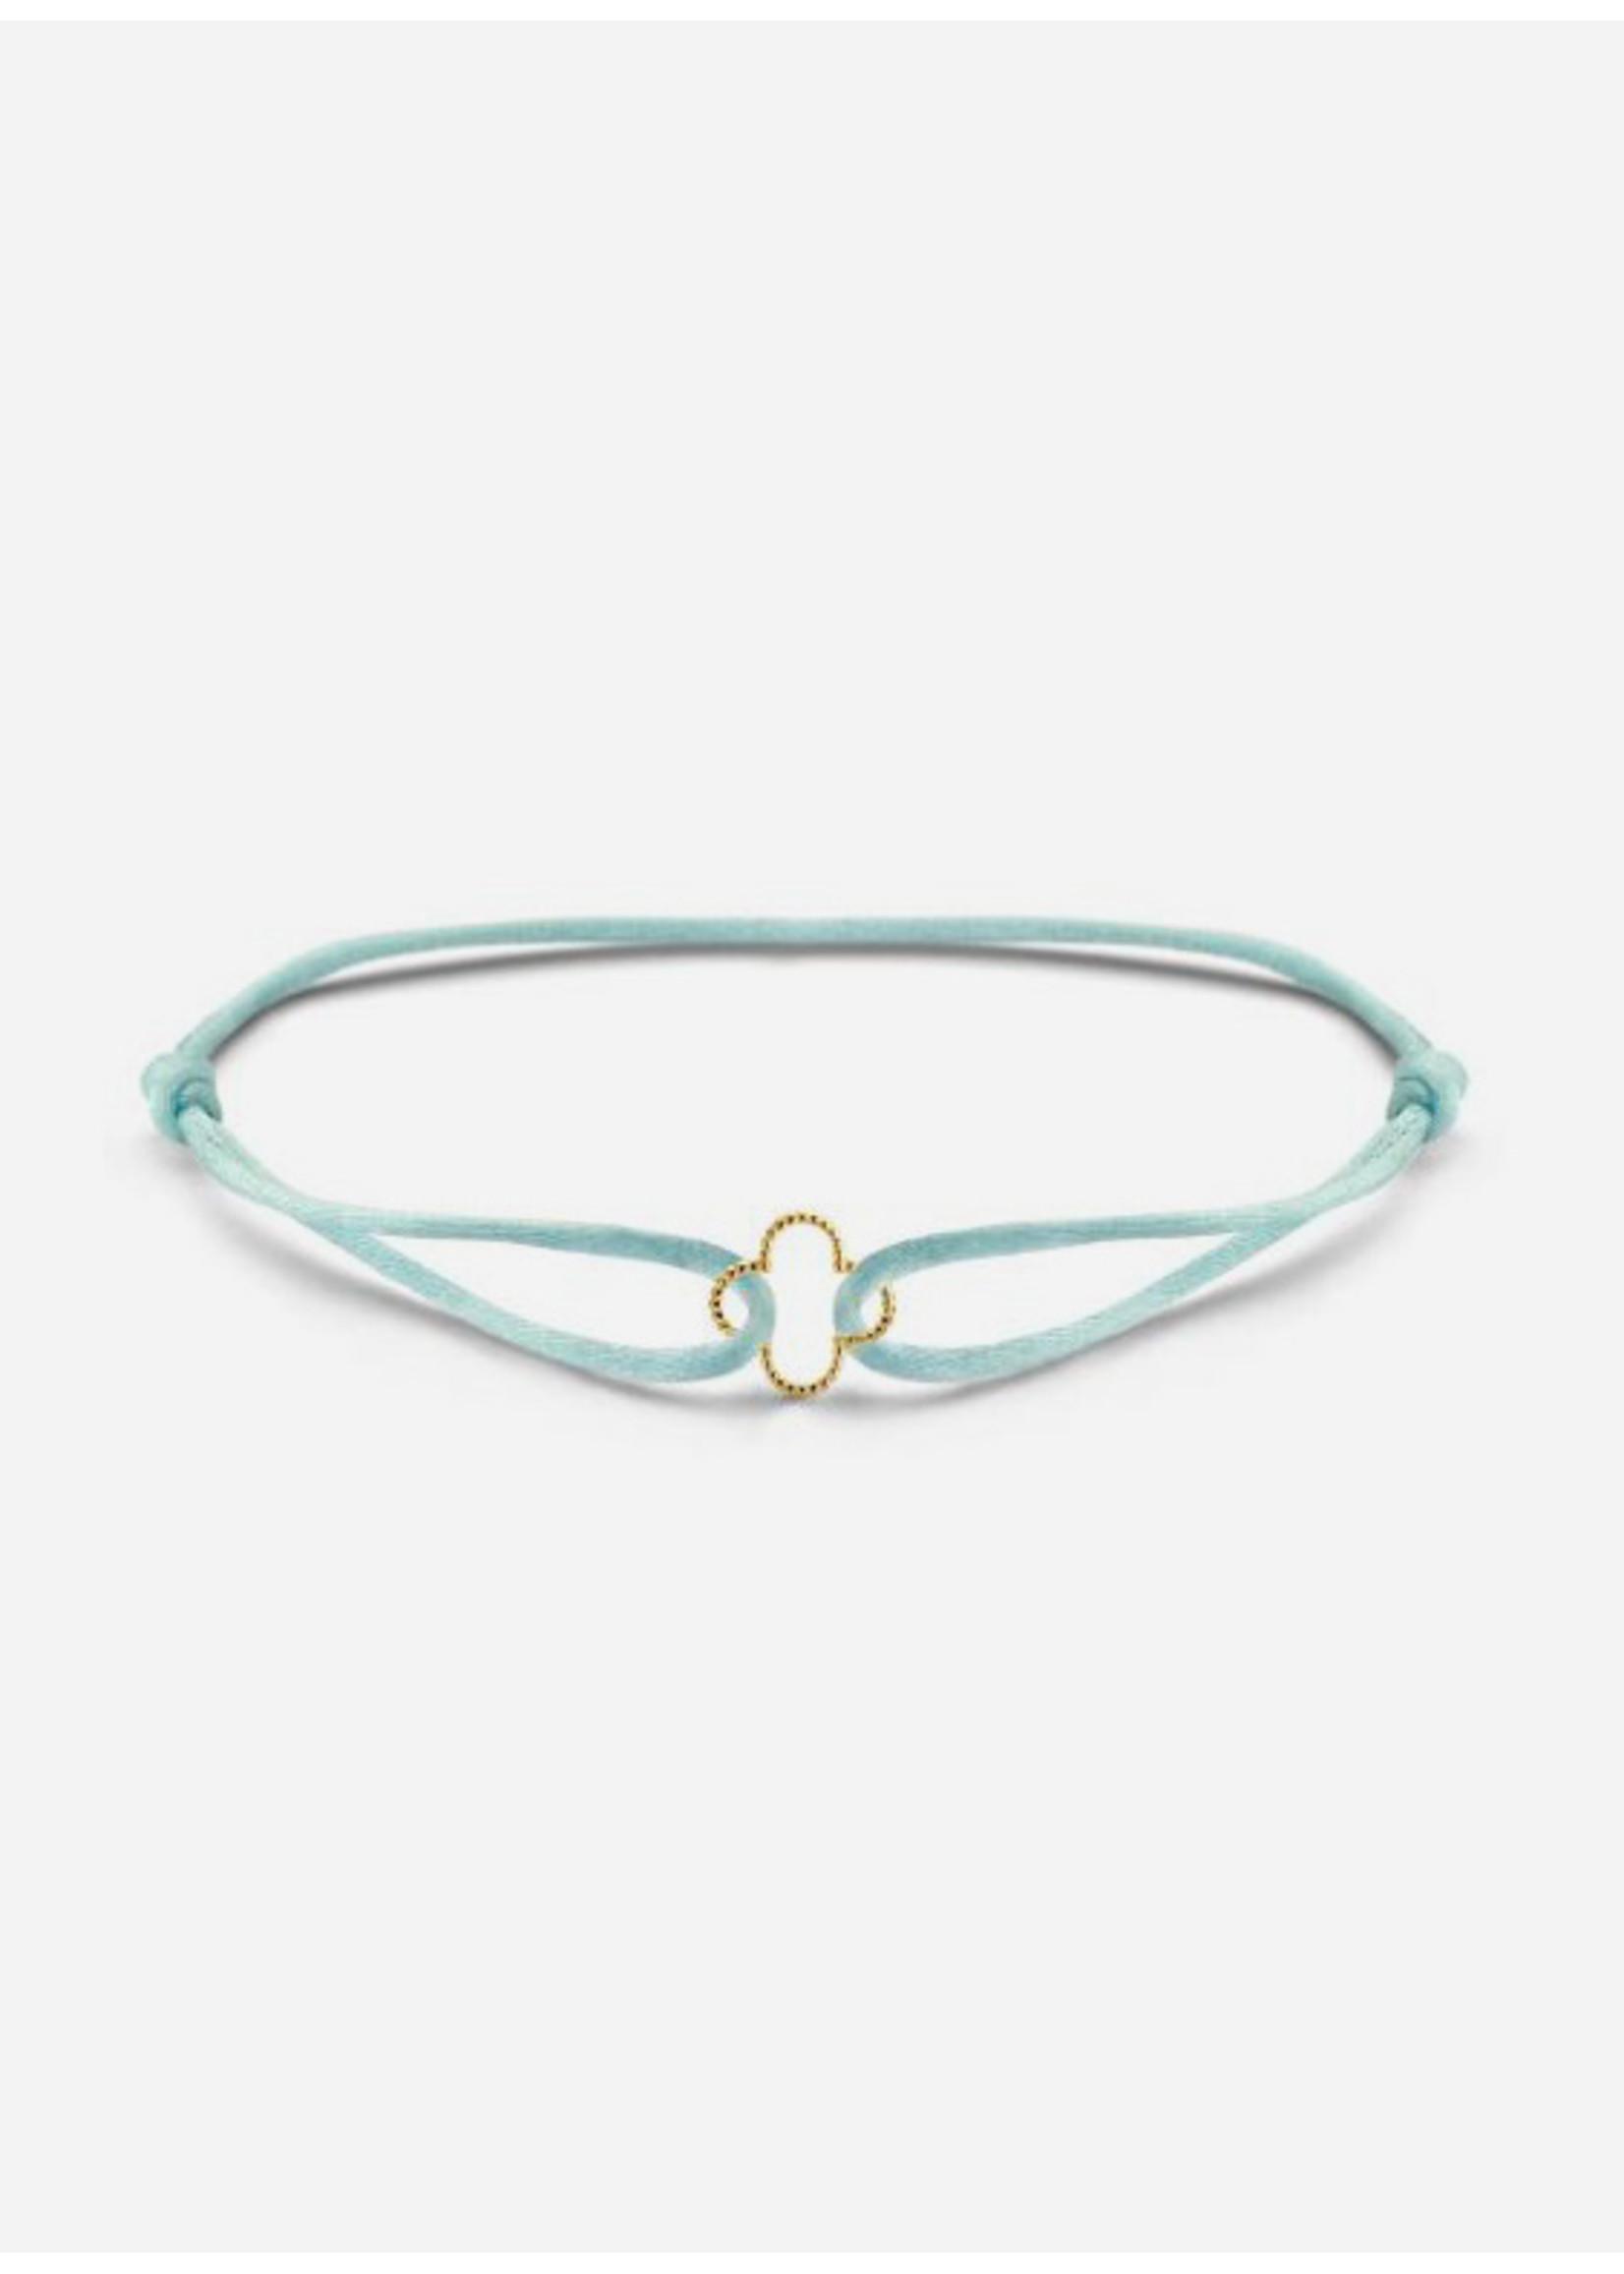 Just Franky Vintage clover bracelet cord